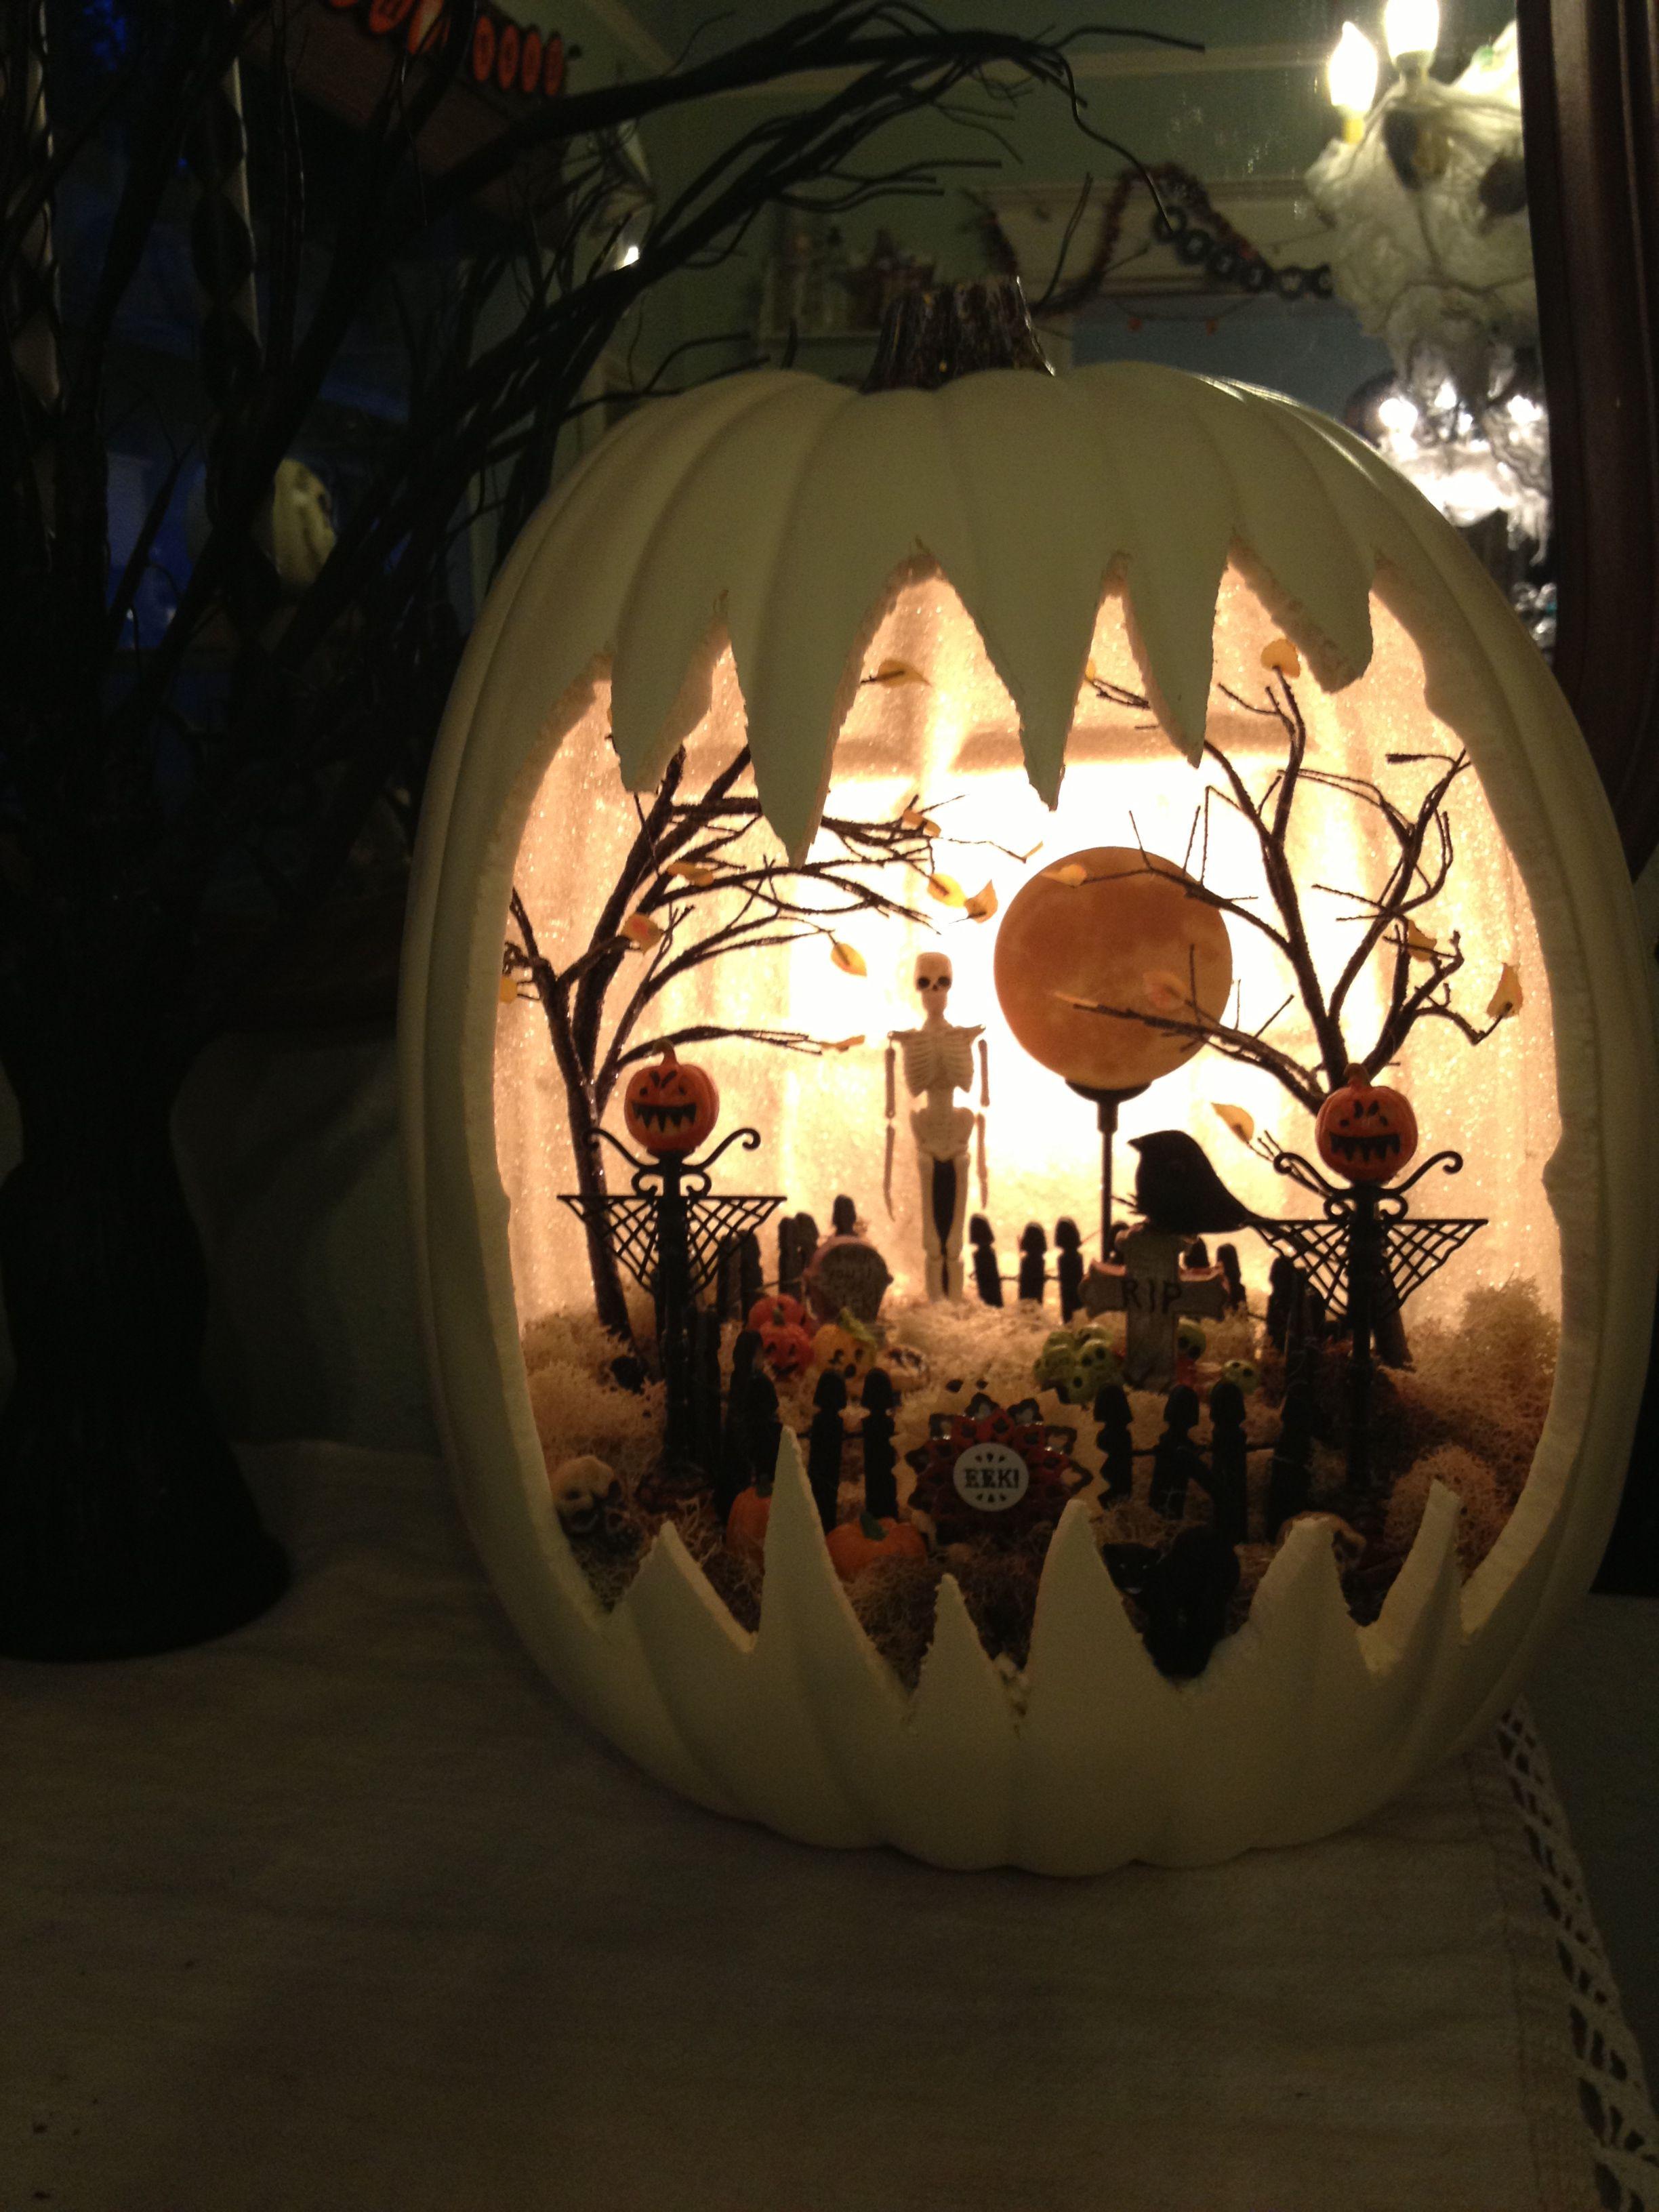 pumpkin carving ideas halloween fairy garden inside a carved out pumpkin - Halloween Diorama Ideas